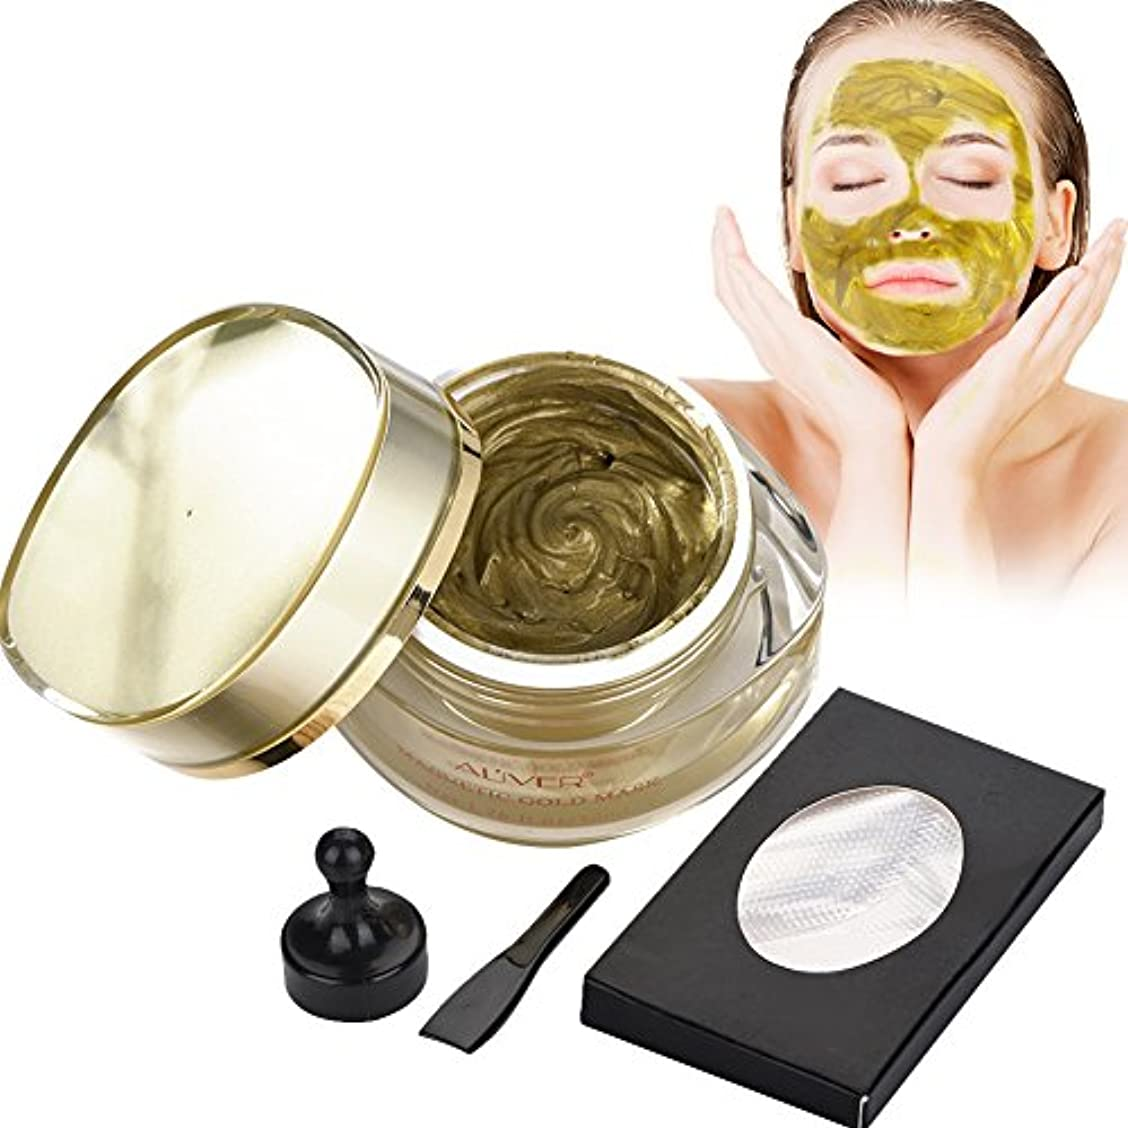 ラダ田舎者体操磁気ゴールドマスク、フェイシャルスキンケア 自然成分 ミネラルリッチ ディープクレンジングポア 人気があり